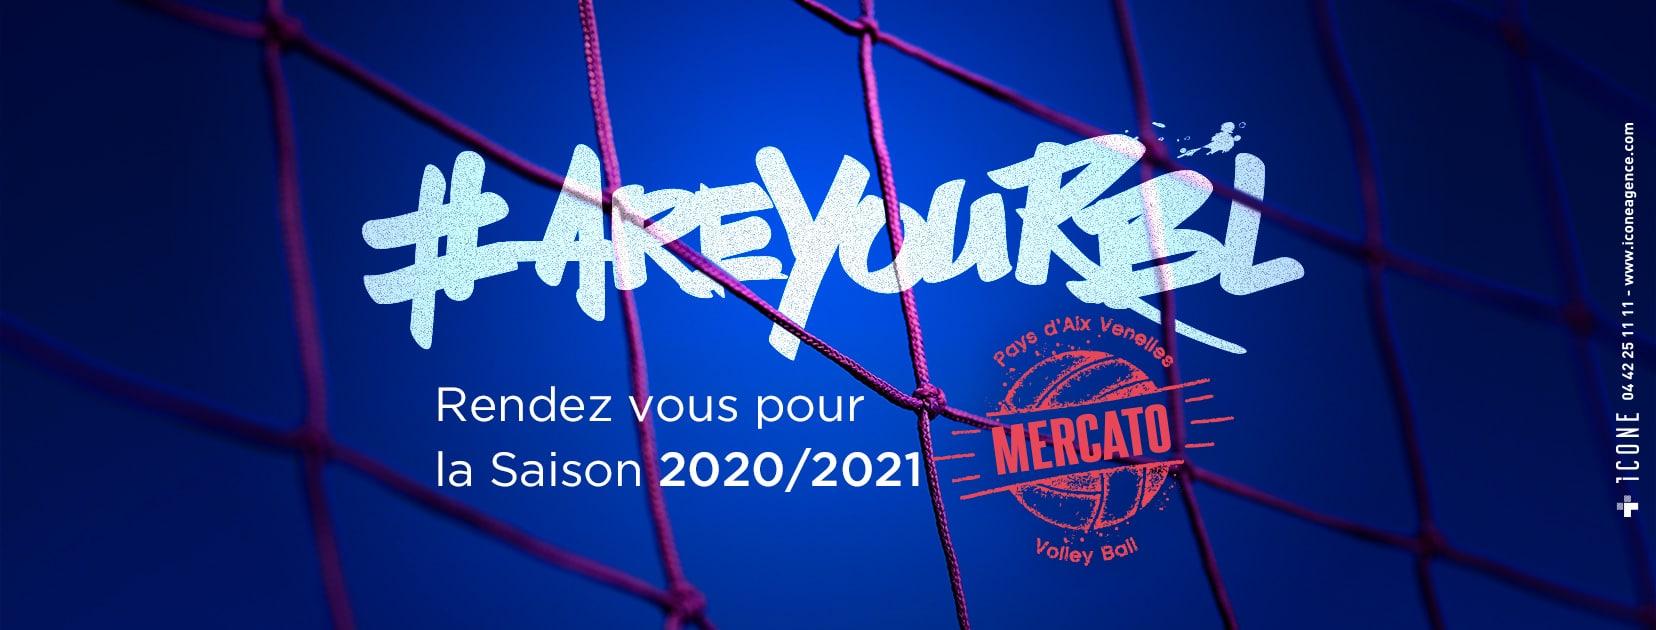 Pays d'Aix Venelles Volley Ball